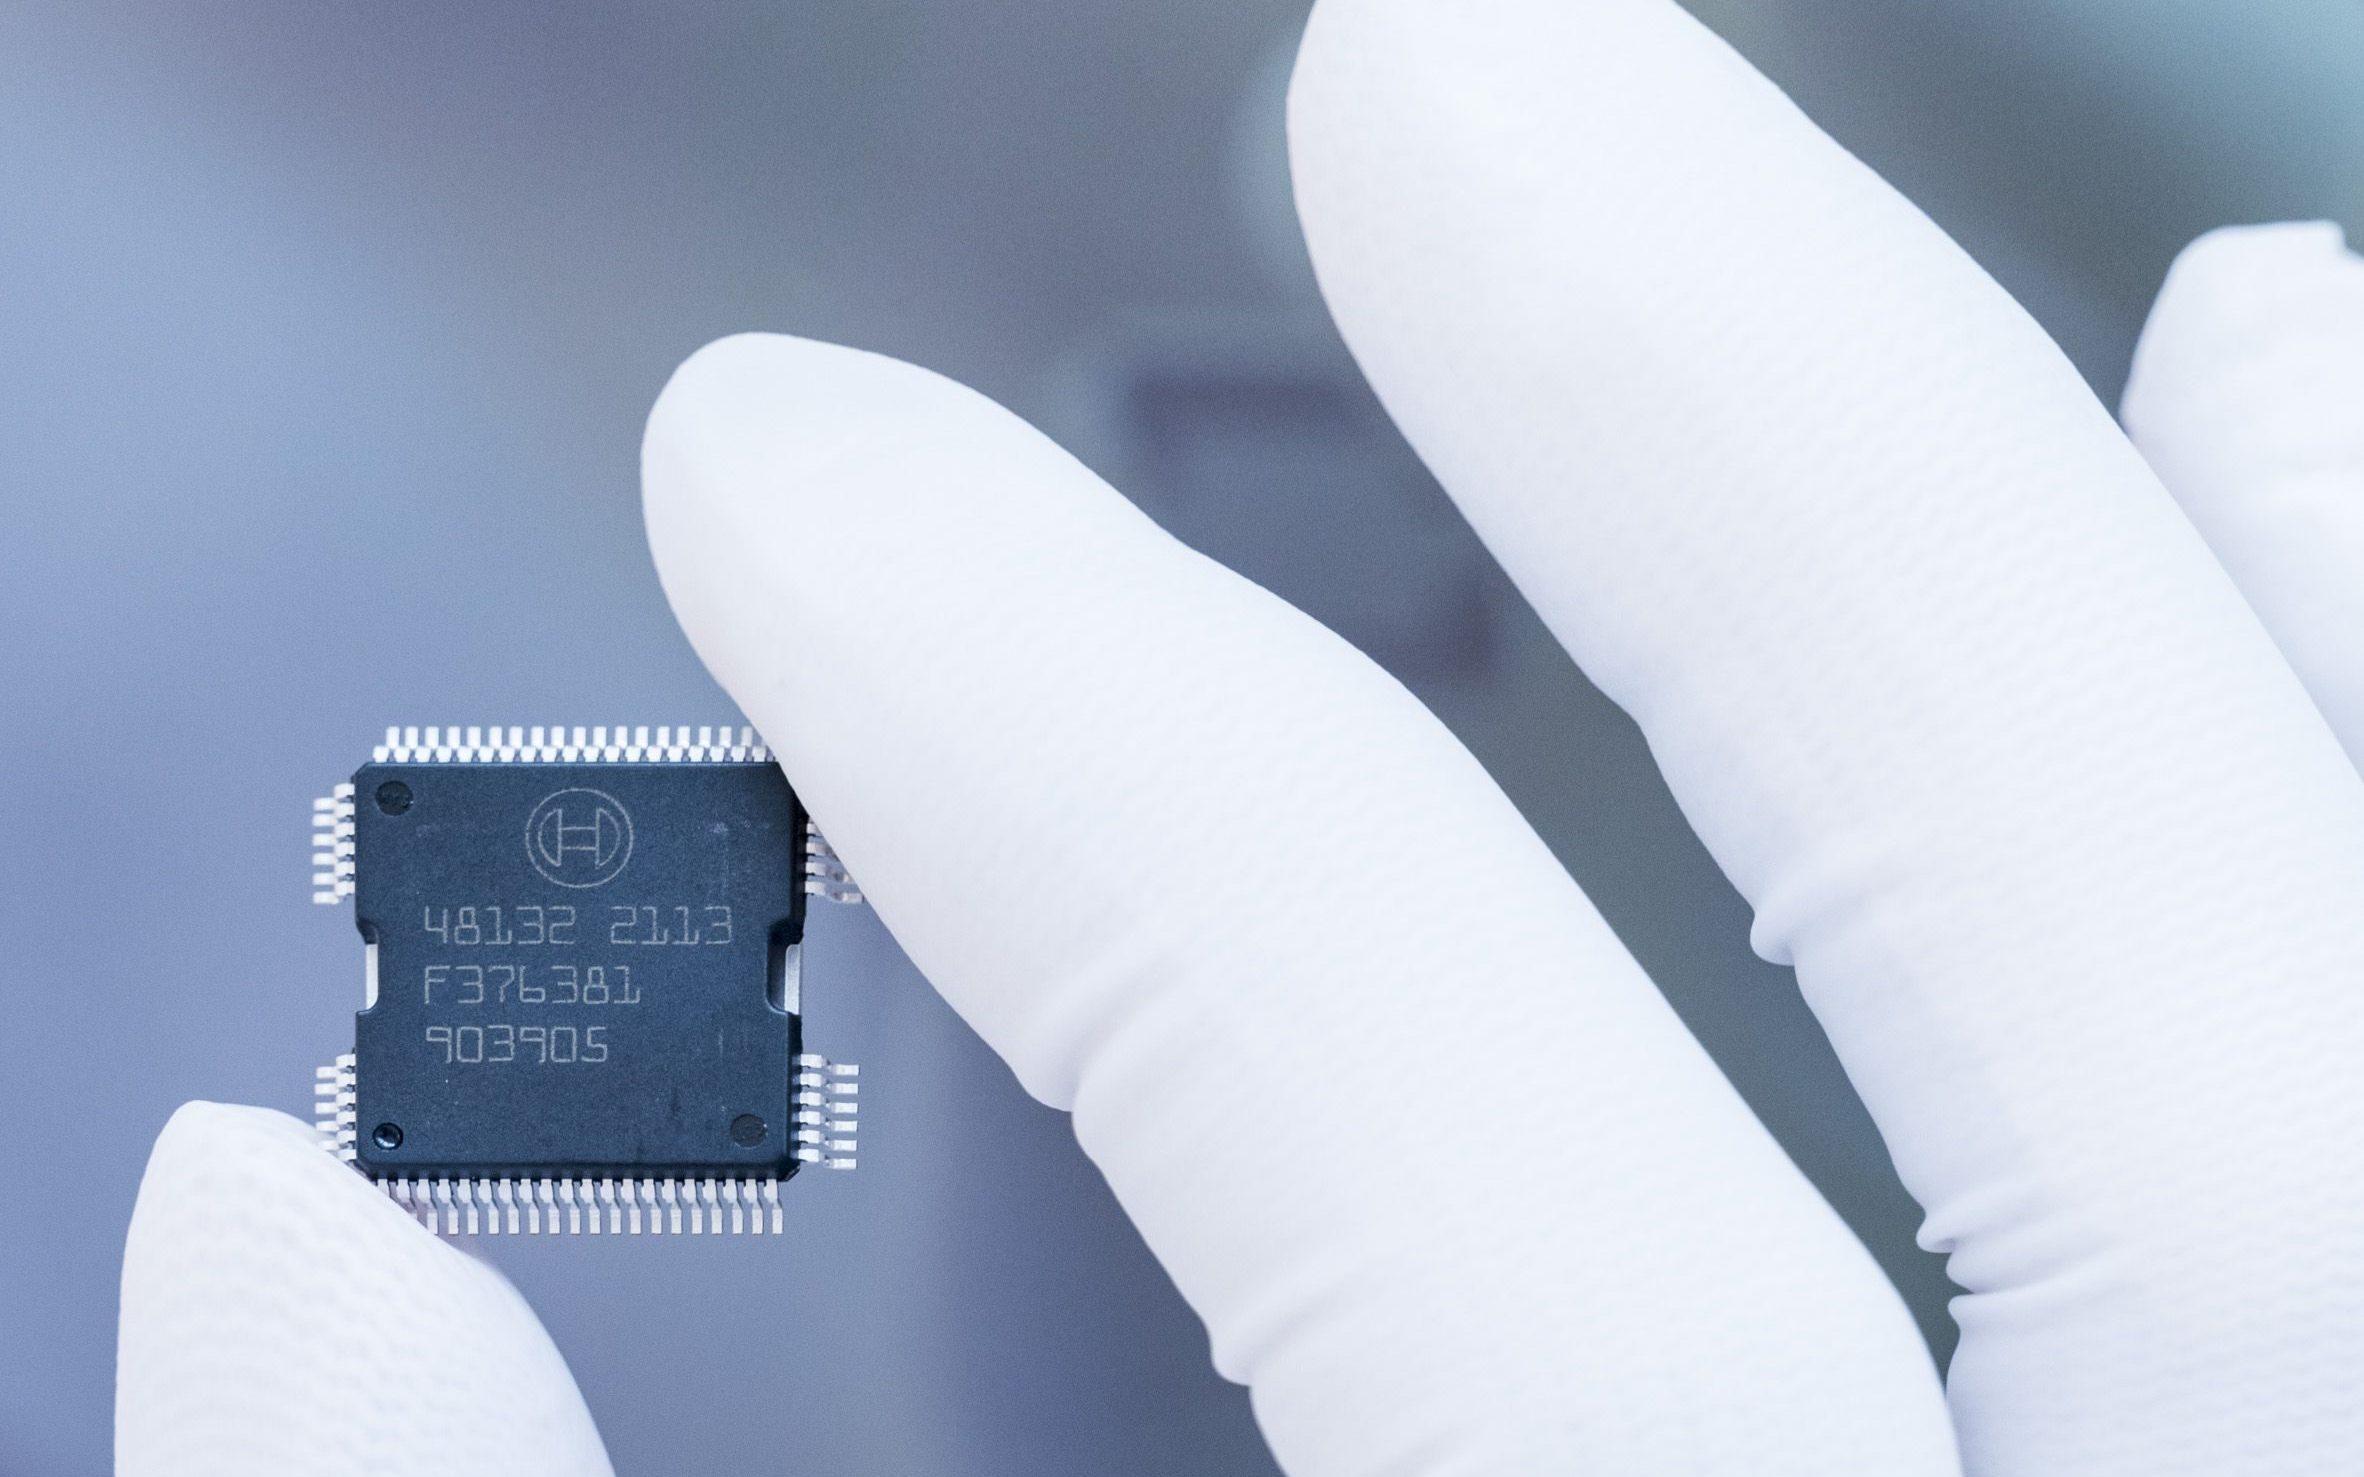 Bosch Microchip